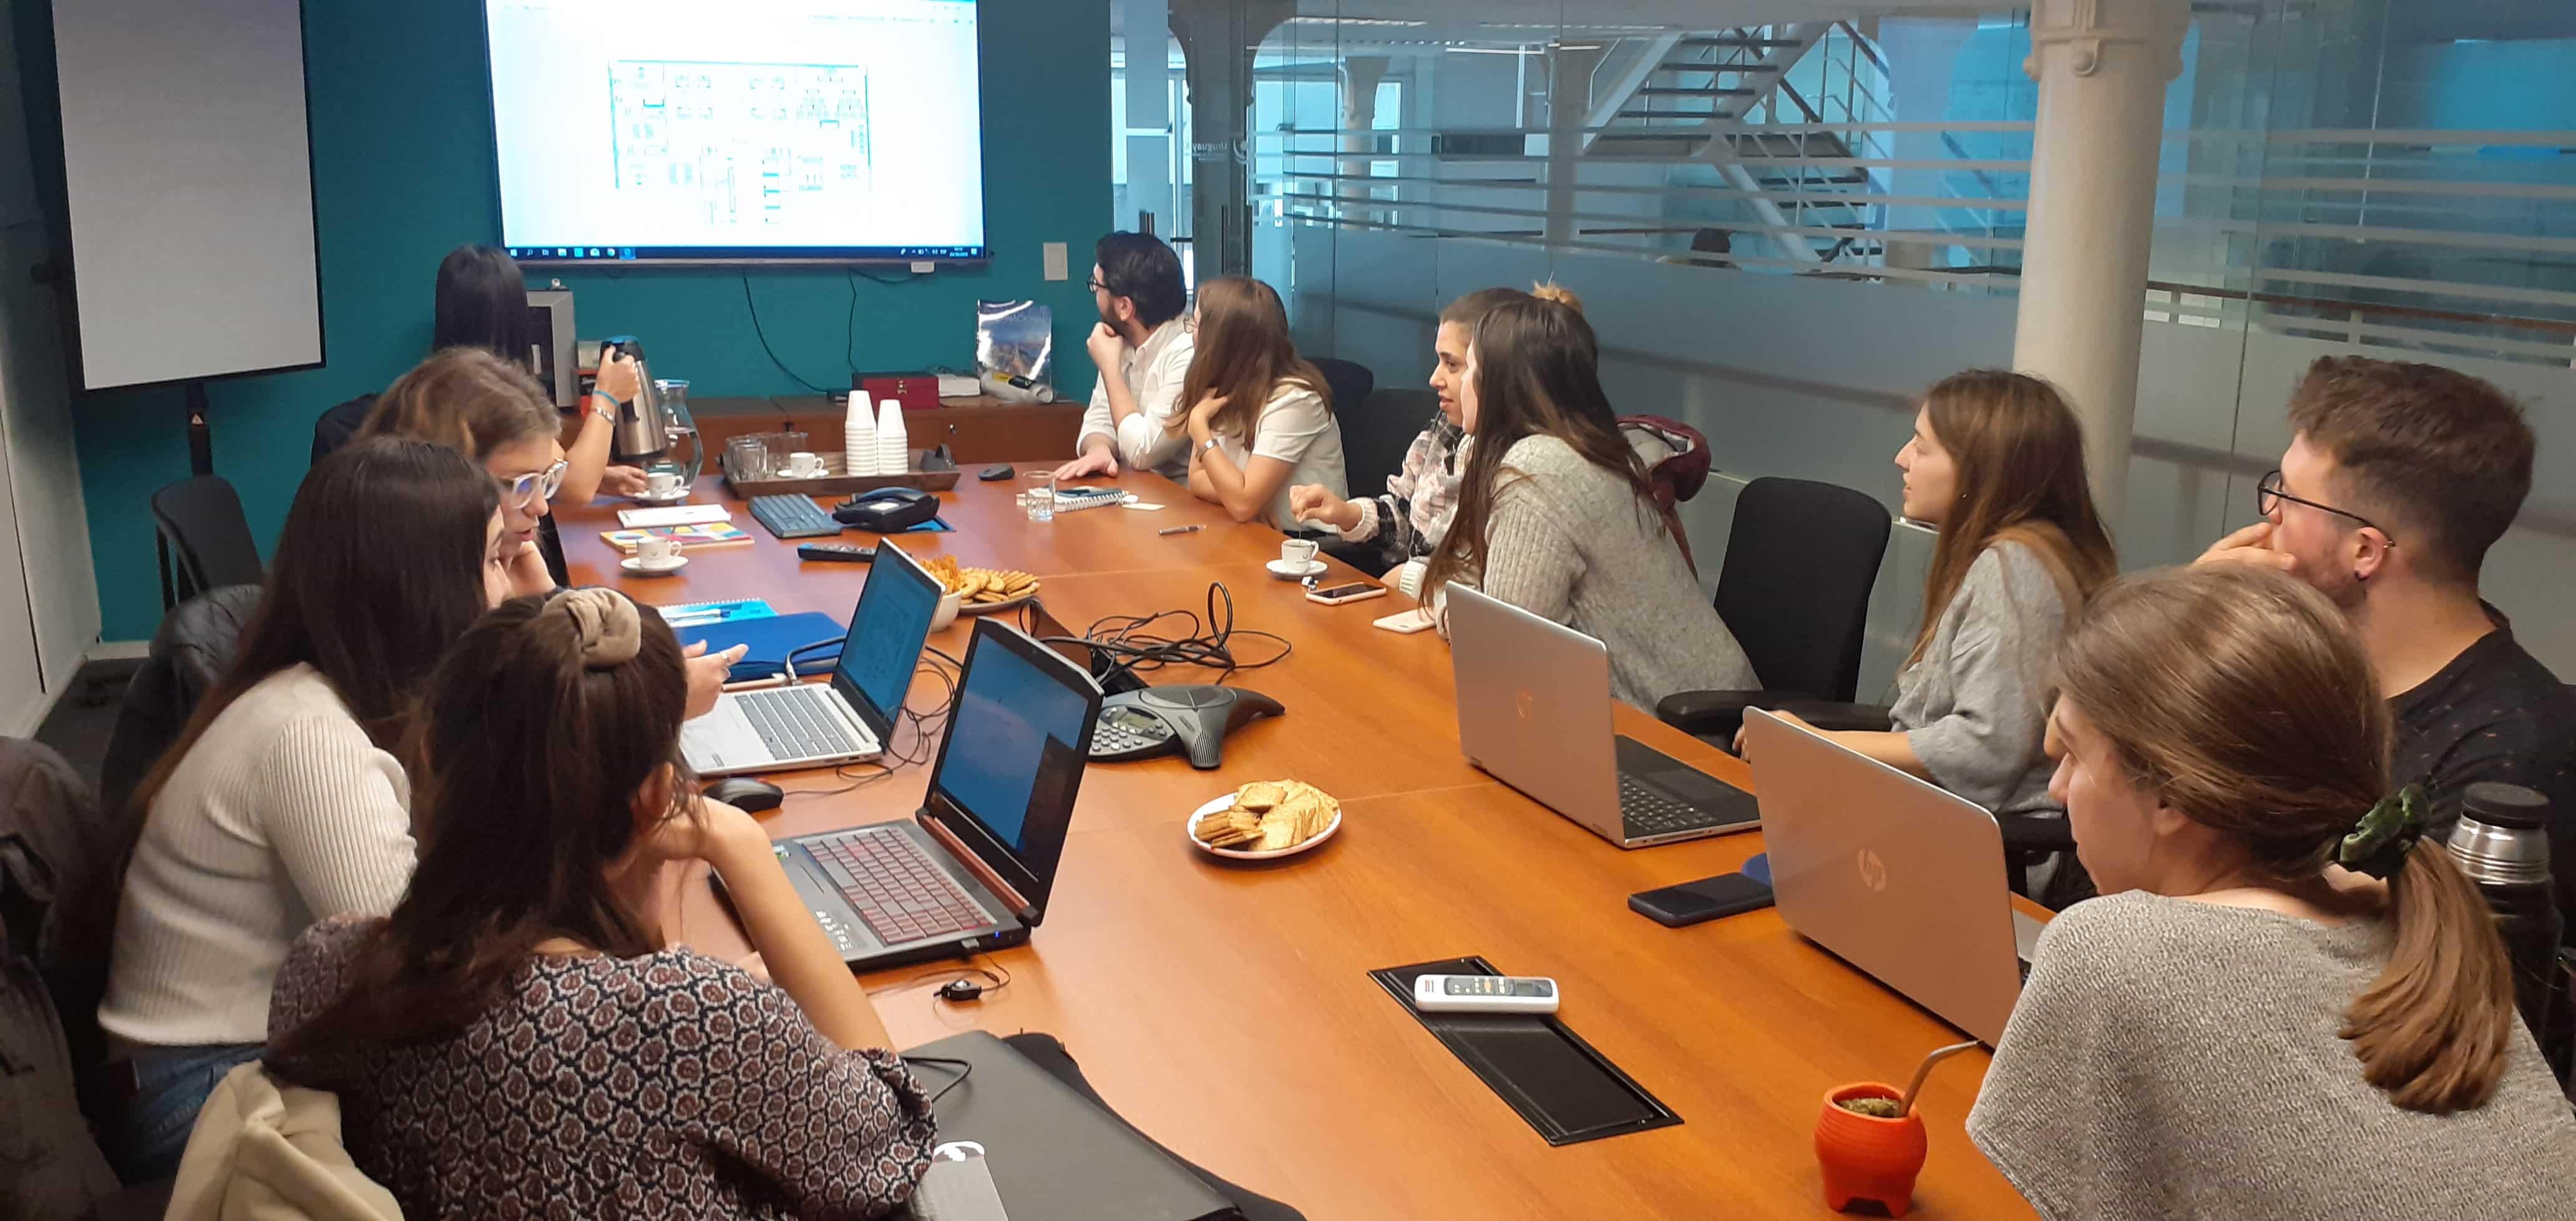 Diseño y Desarrollo Sustentable<br> Visita a Uruguay XXI